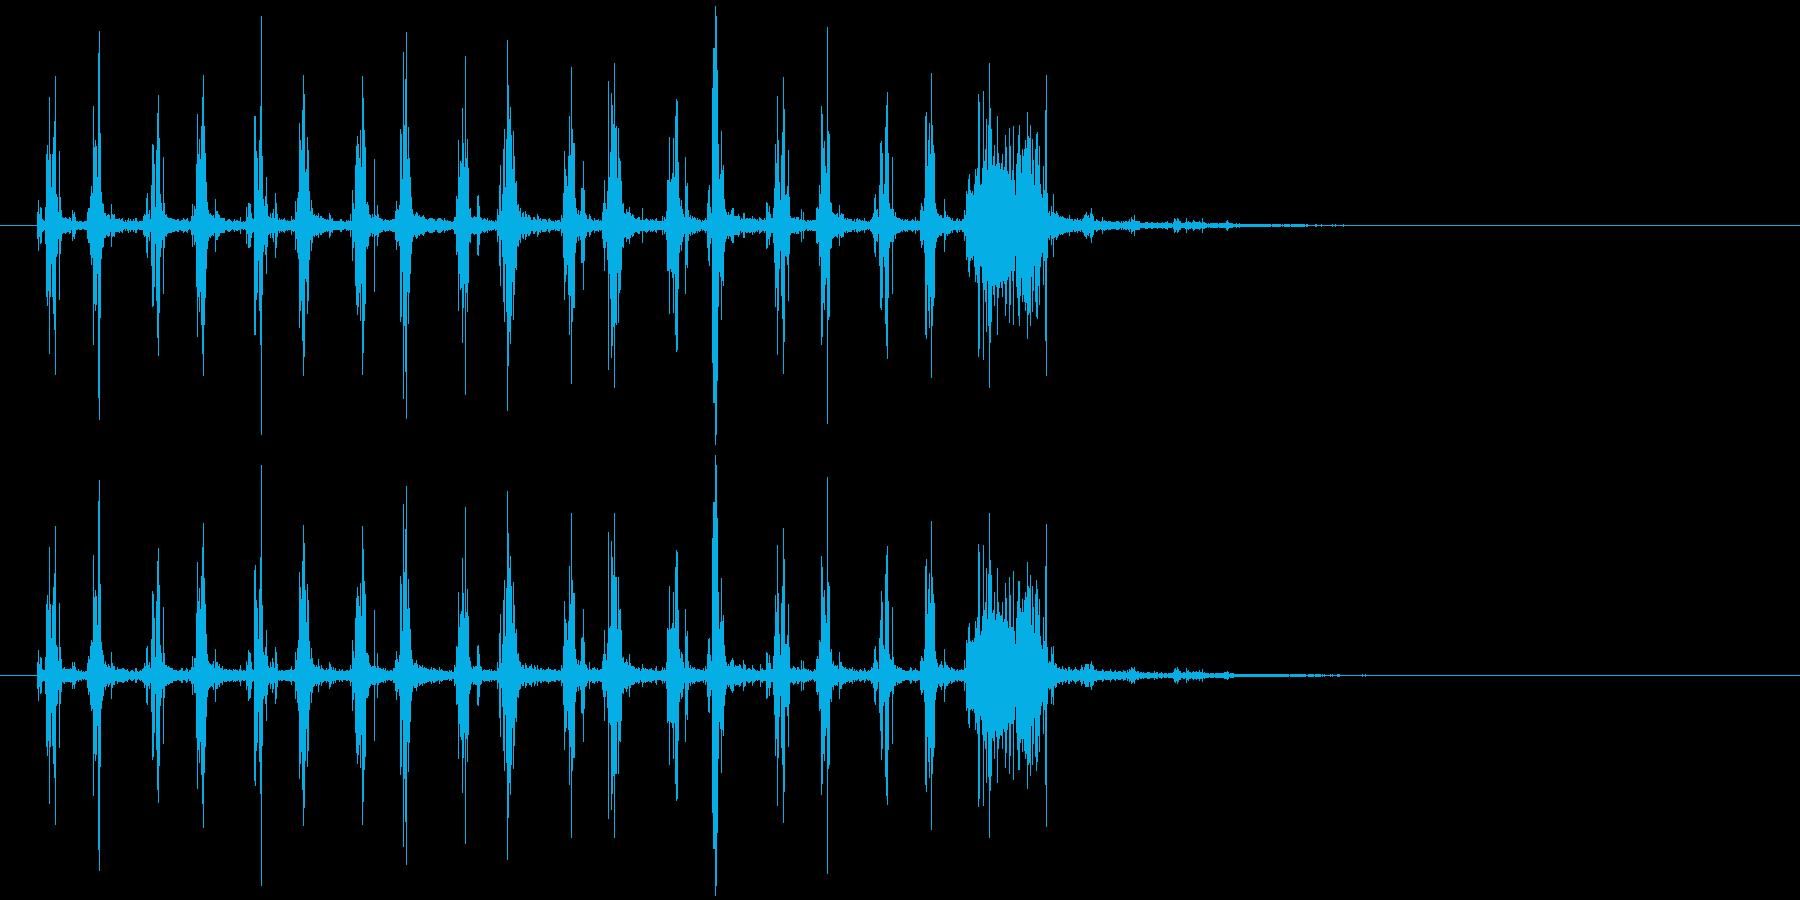 音侍SE「シャカシャカ〜」木製鳴子の音2の再生済みの波形